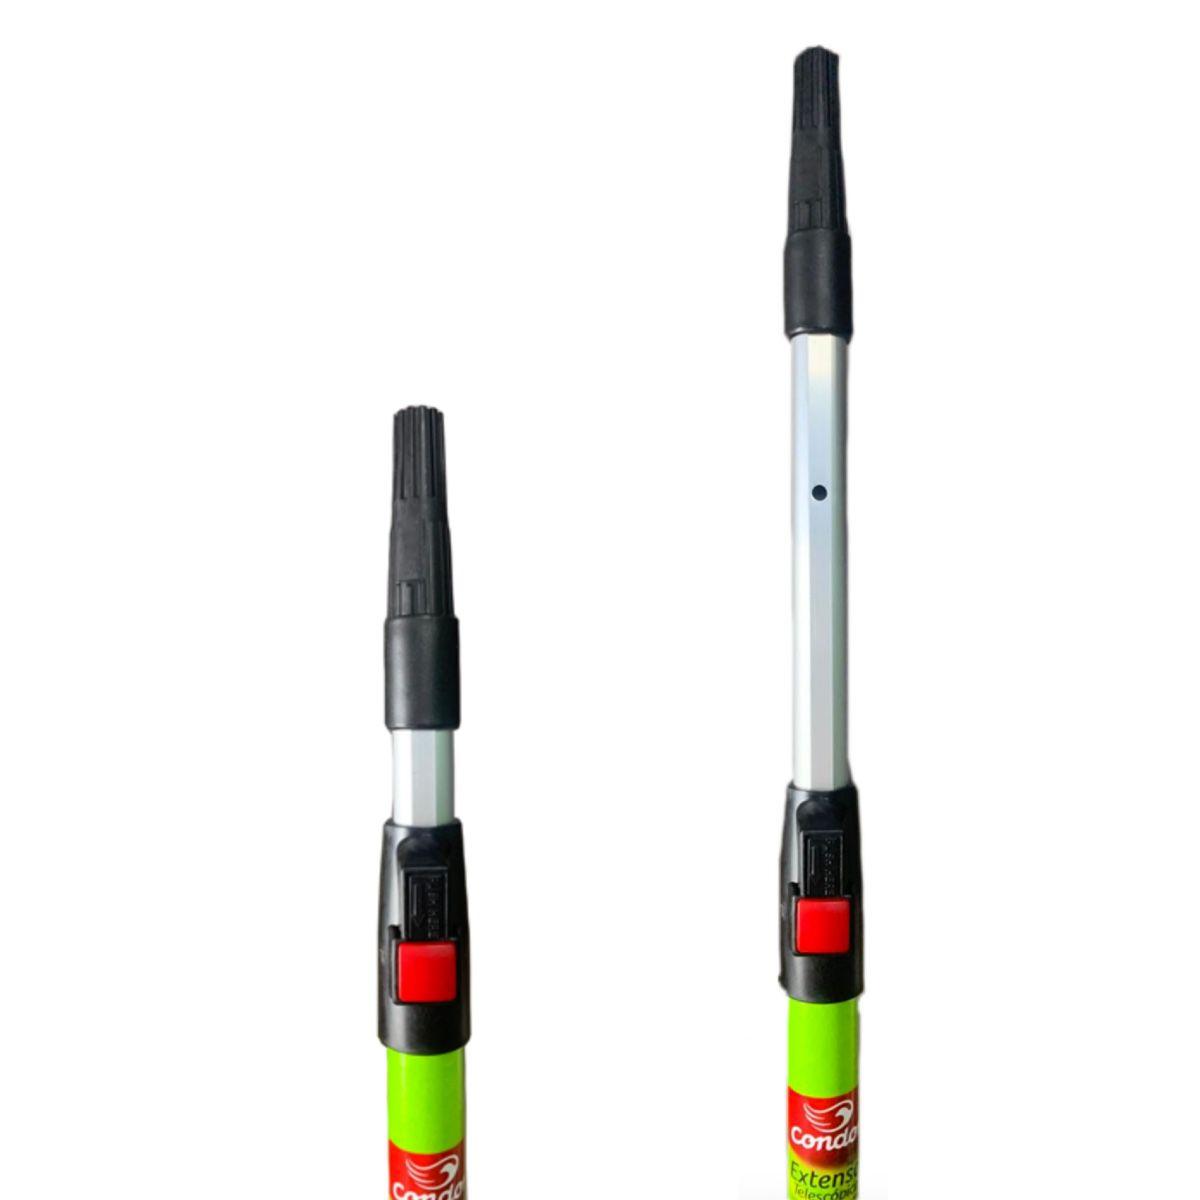 Rolo Zero Gota com Suporte 23cm (952) + Rolo Extensor 1m